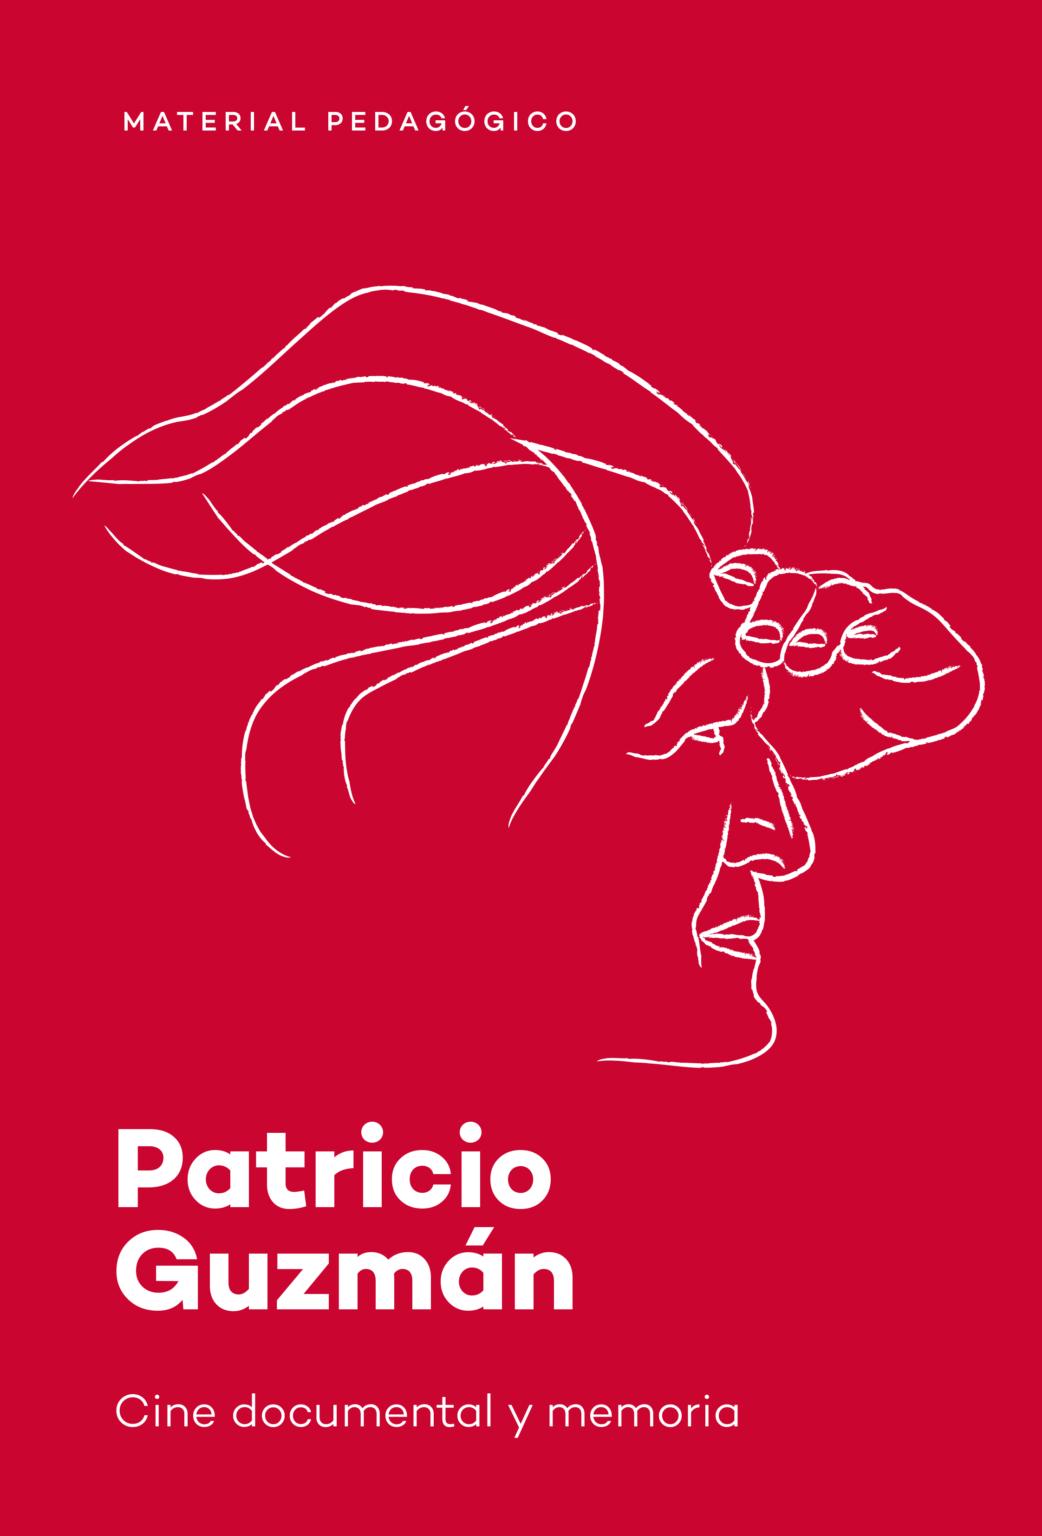 Patricio Guzmán, cine documental y memoria